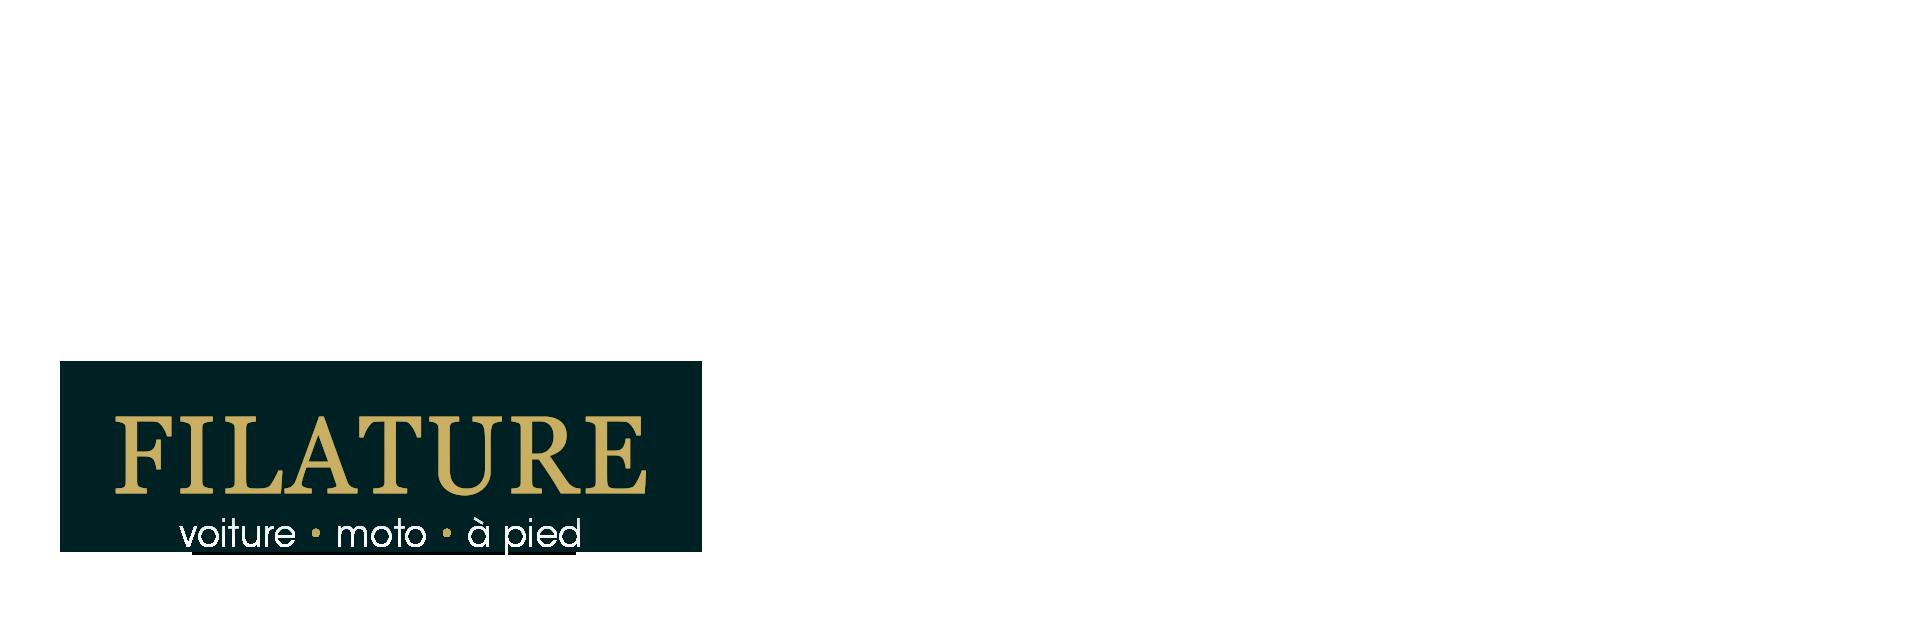 enquêtes de matchmaking service de matchmaking actif de Lync